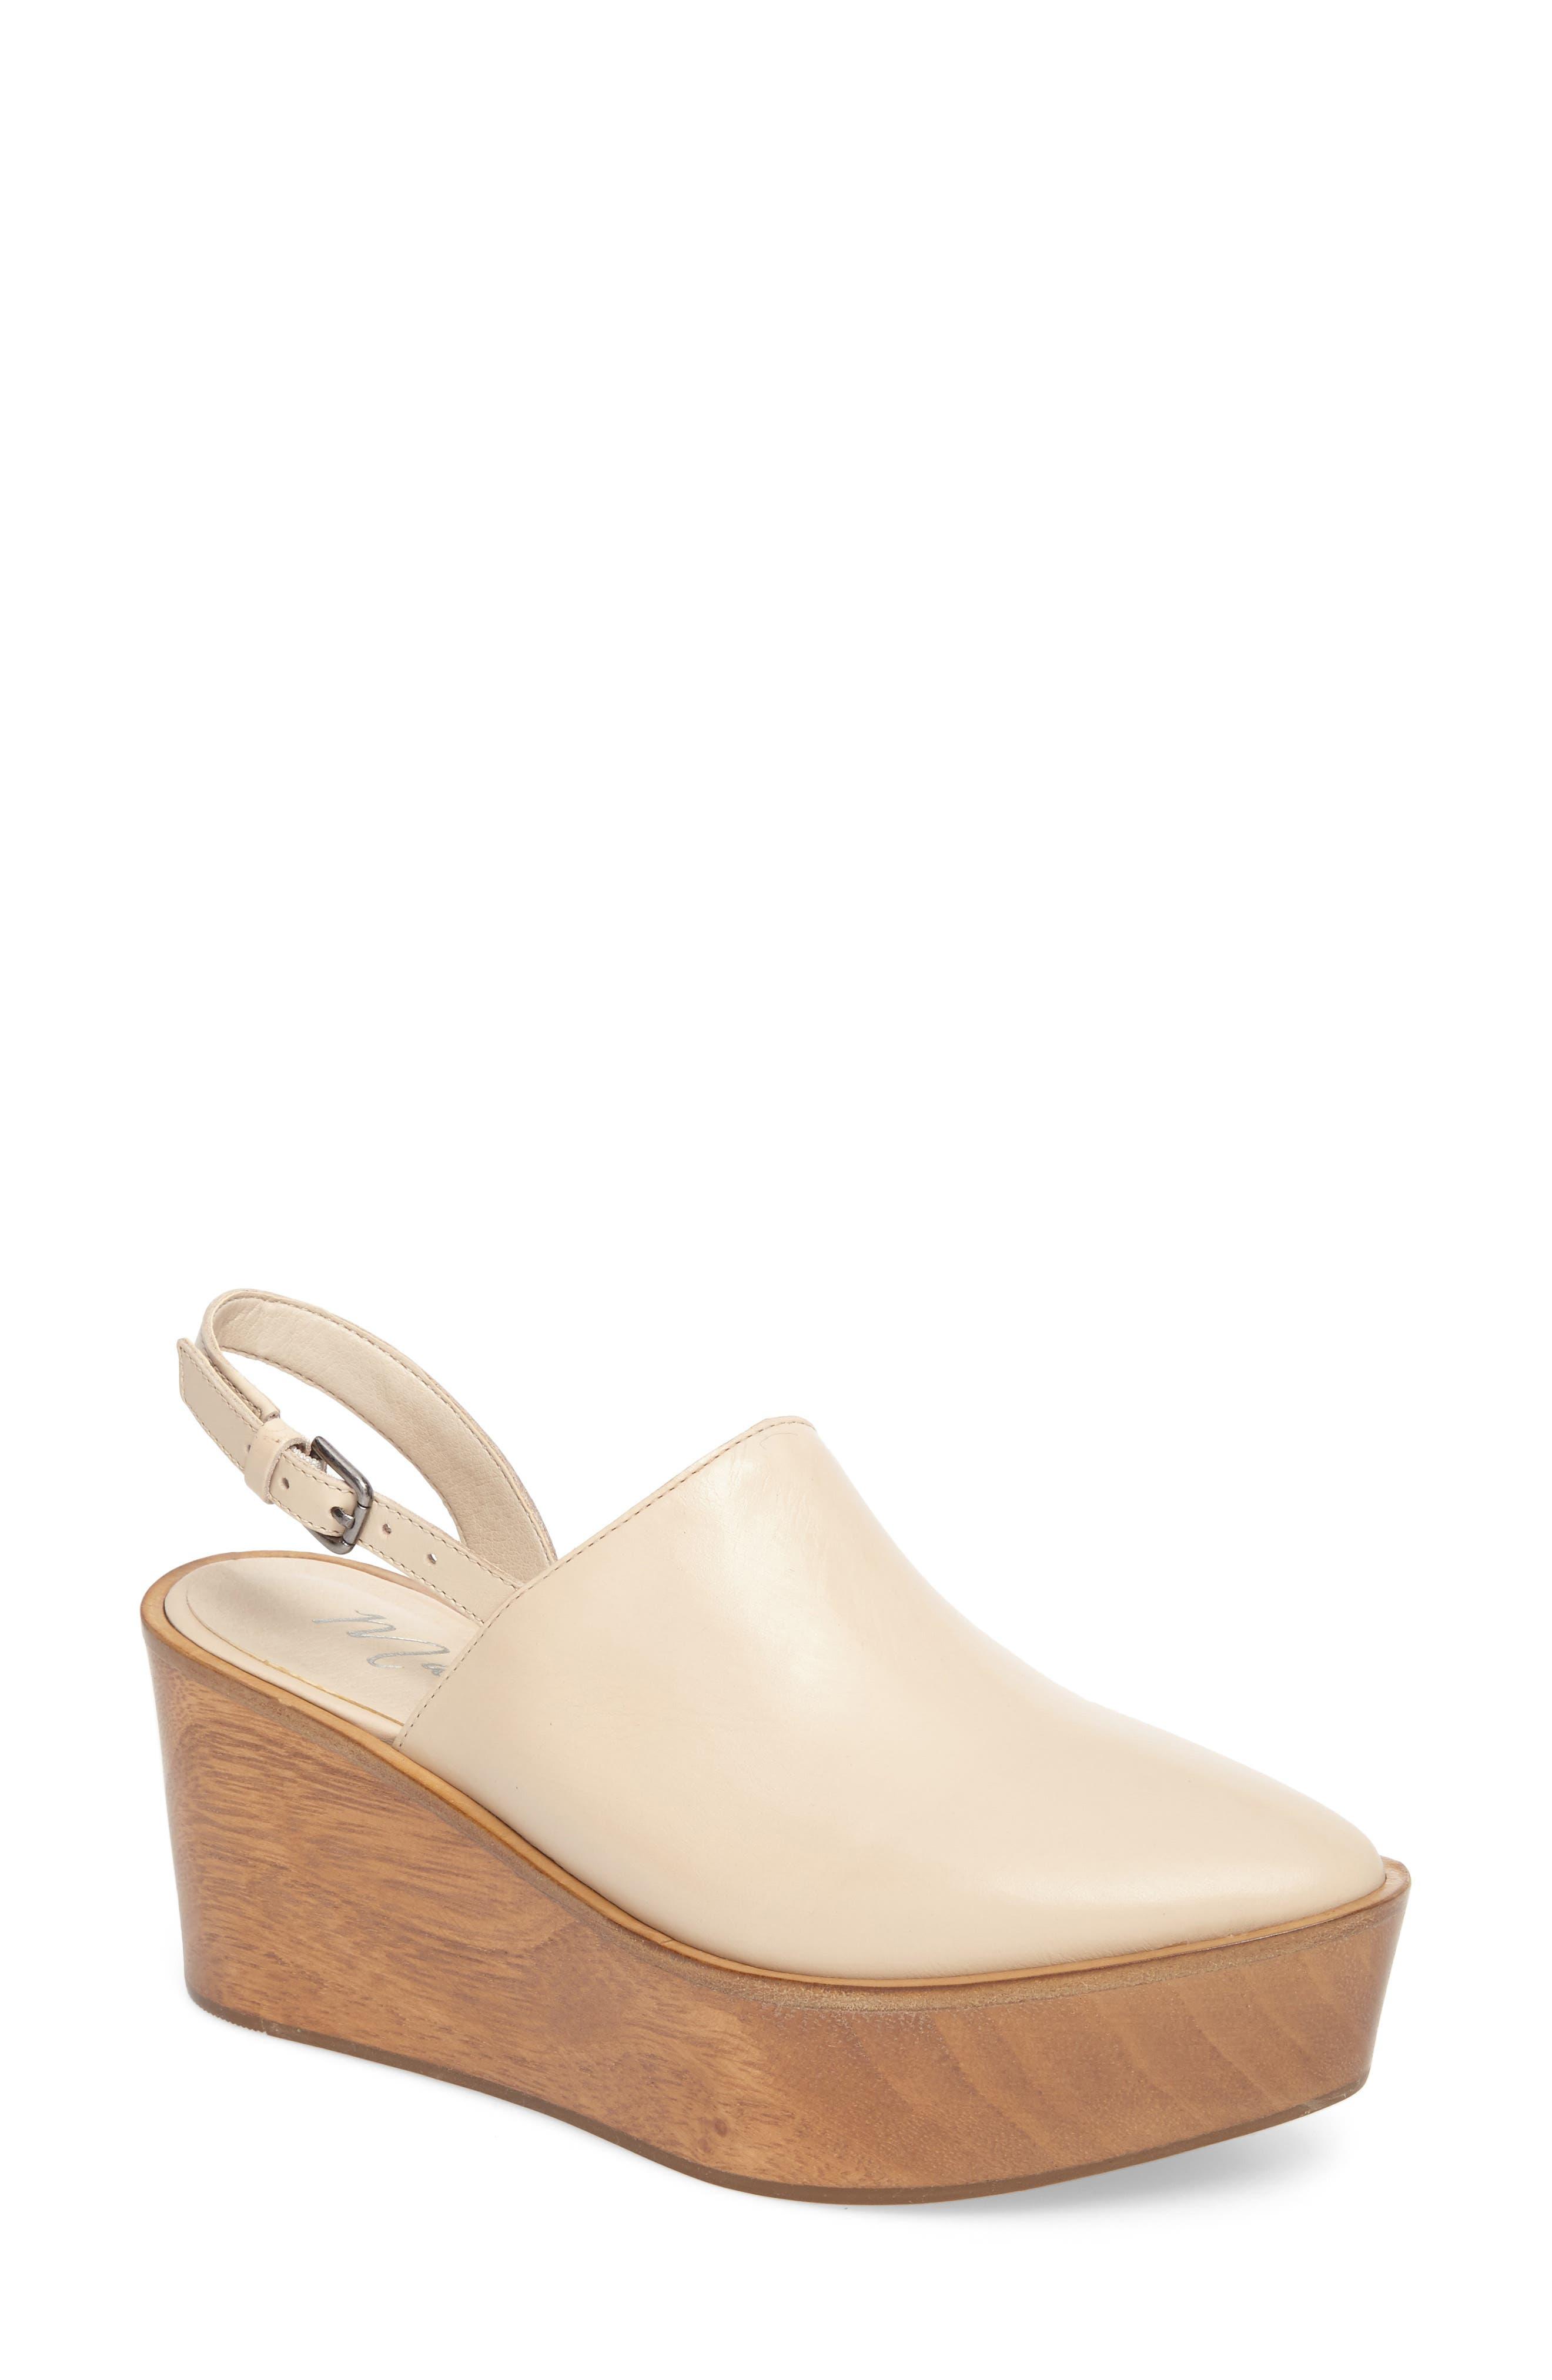 Eyals Slingback Platform Wedge Sandal,                         Main,                         color, Natural Leather